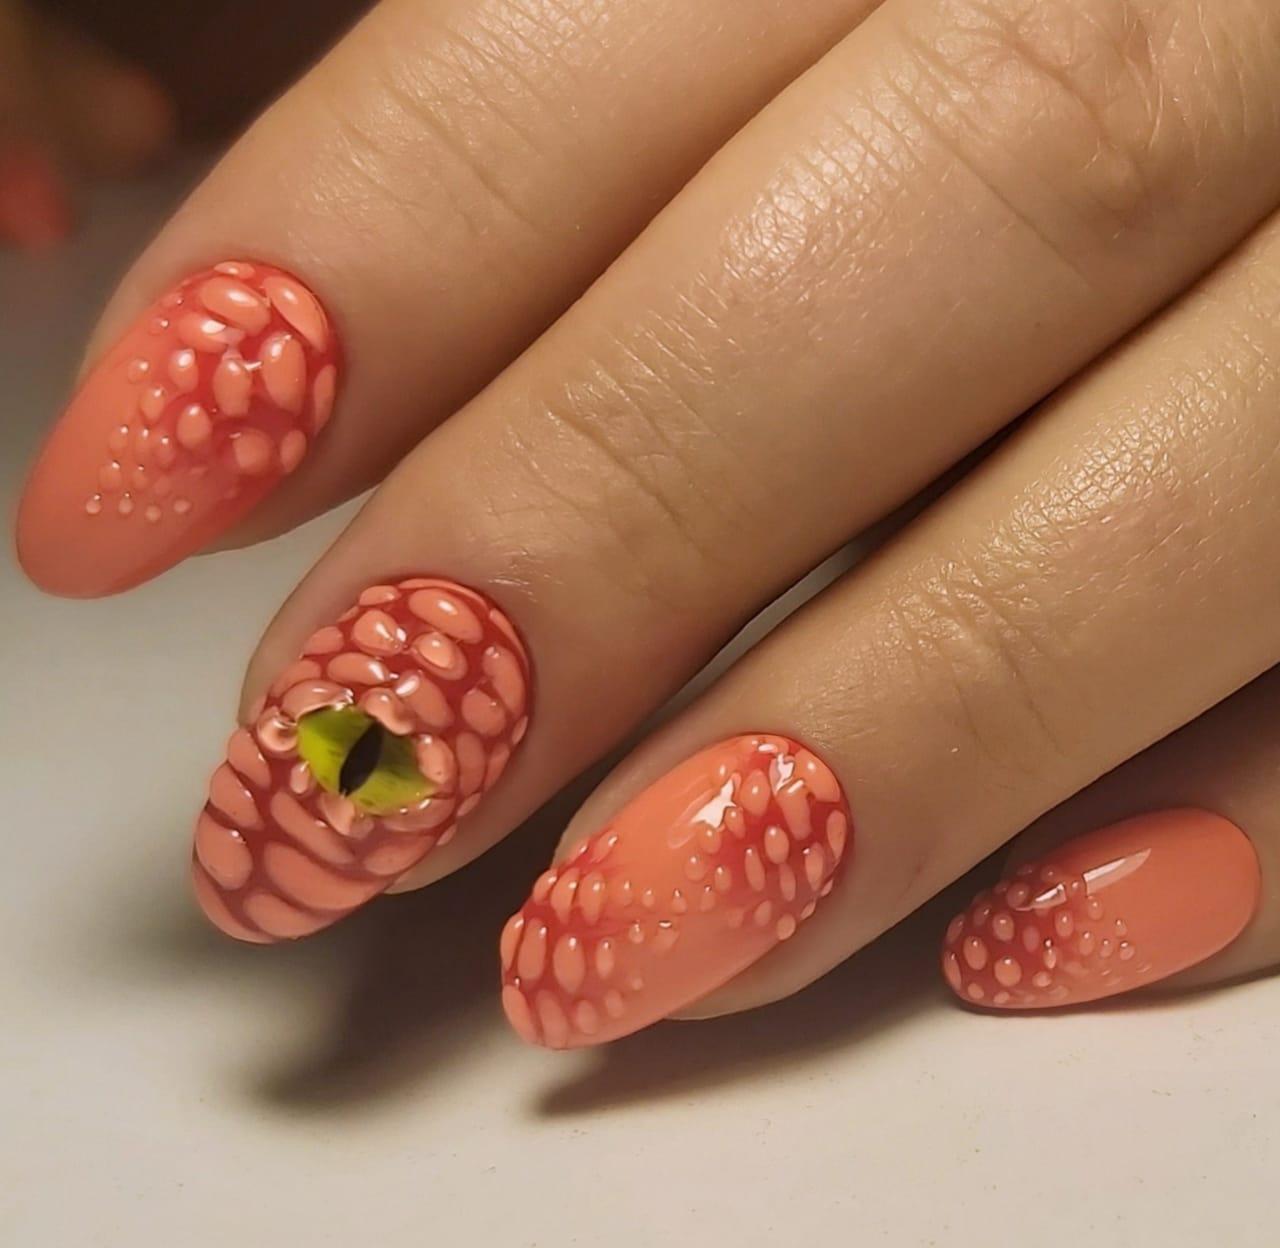 Маникюр со змеиным глазом и объемным рисунком в оранжевом цвете на короткие ногти.